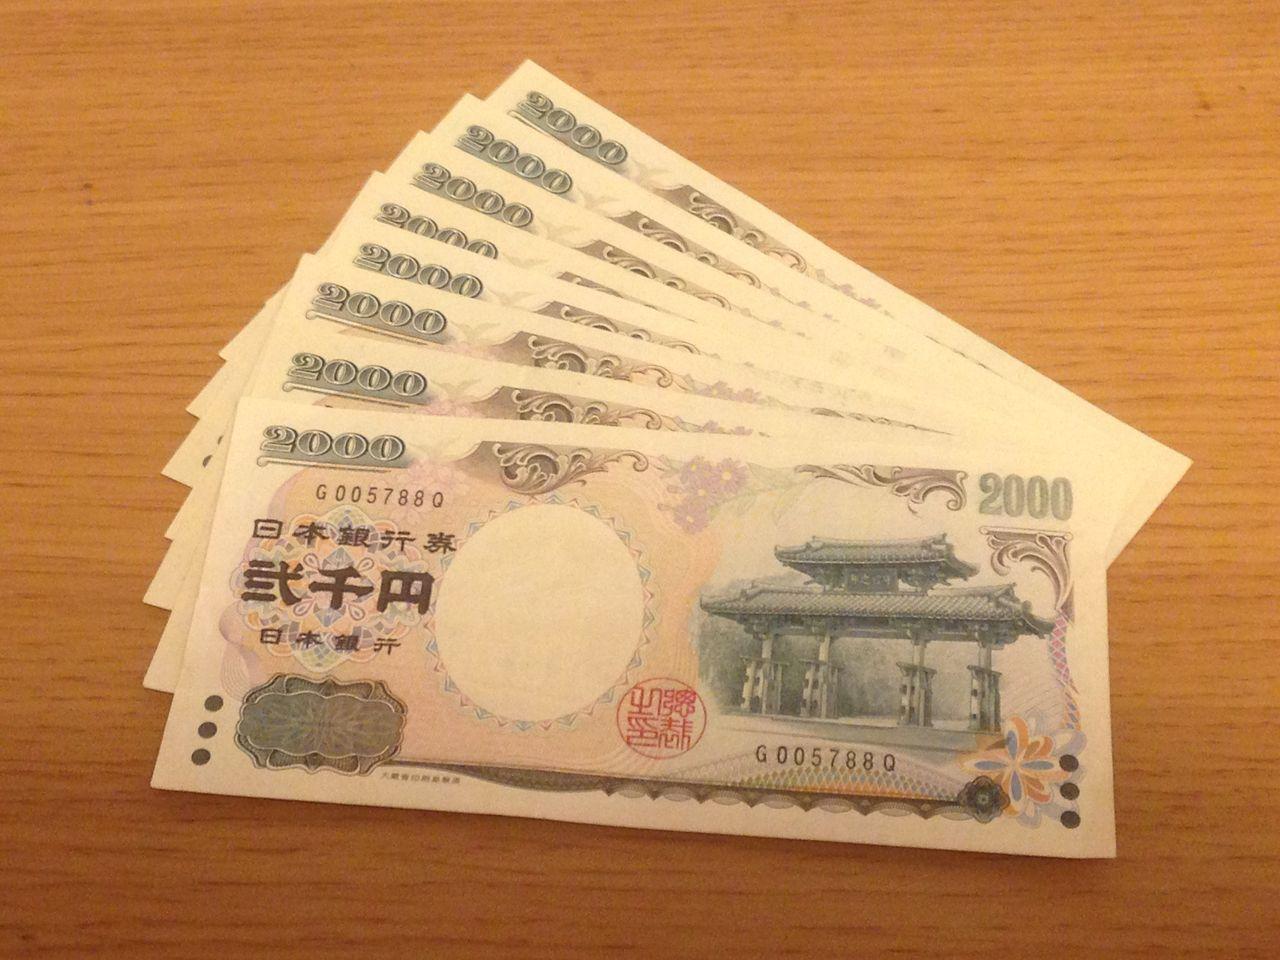 すべての講義 お金の両替 : ... お金を貯める方法 | かぜさいと